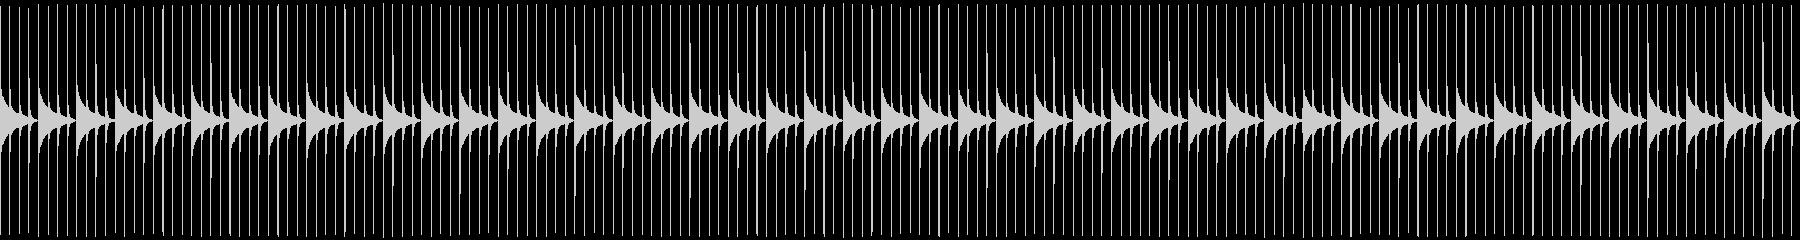 木製振り子メトロノーム05-BPM184の未再生の波形